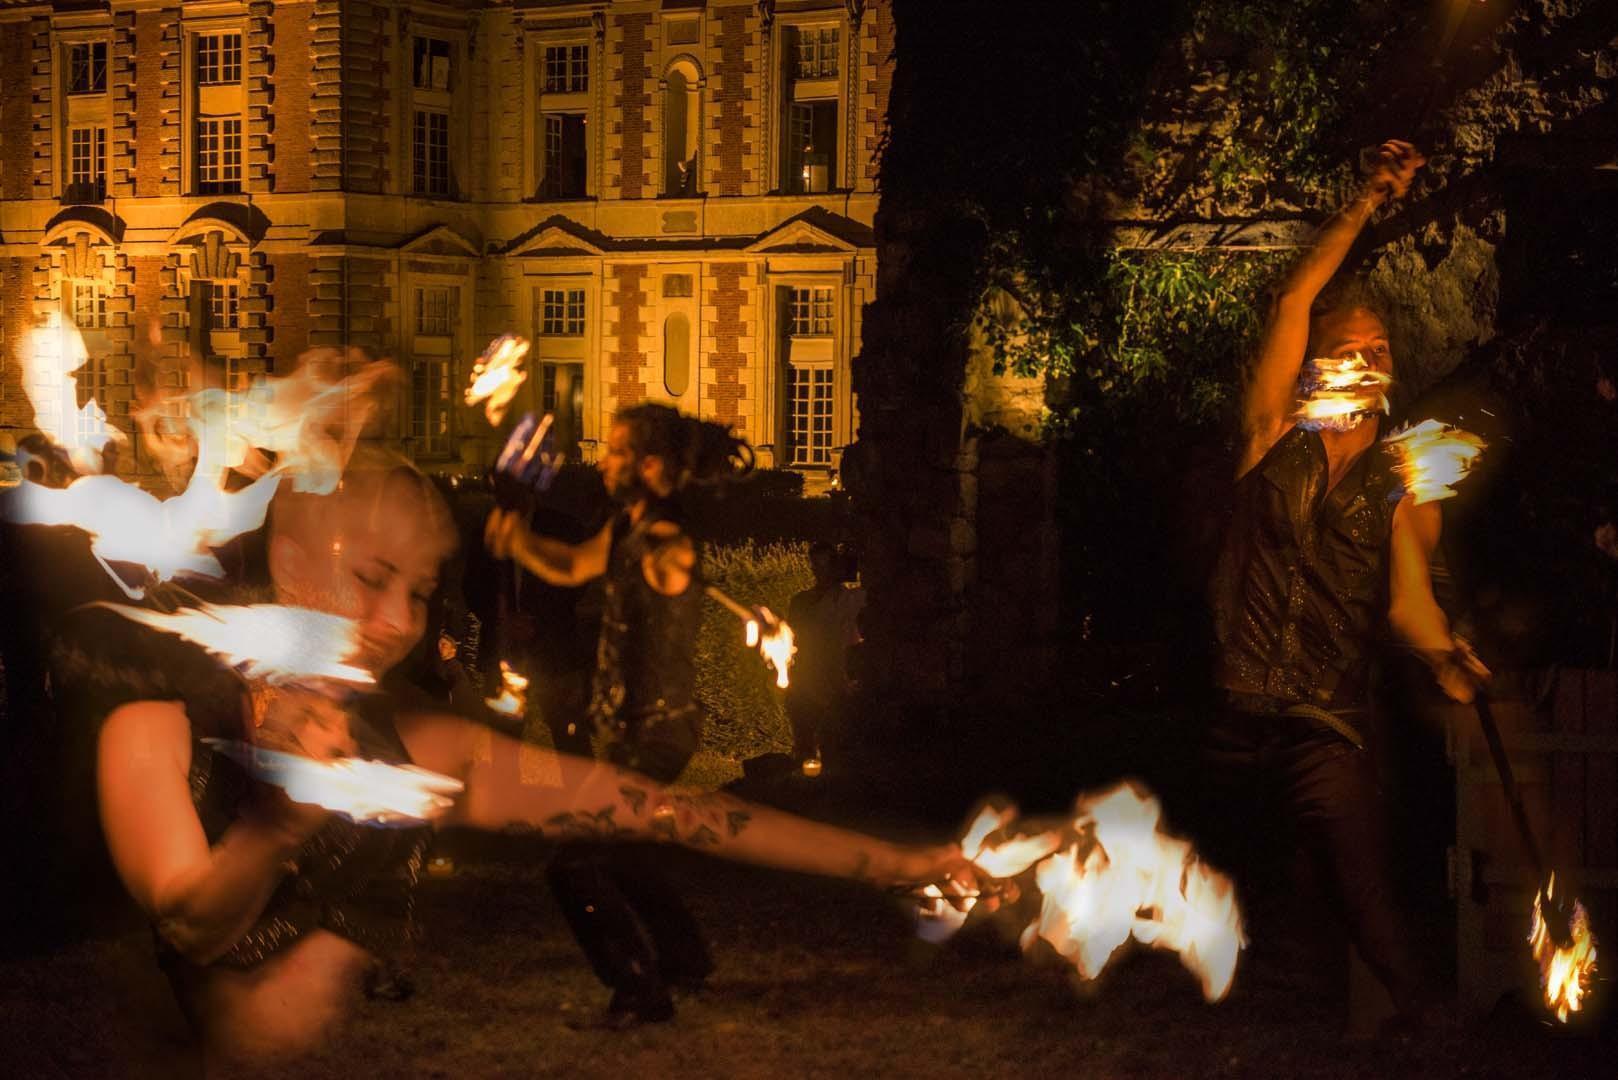 prestation pour les mariages au château : jonglage pyrotechnique